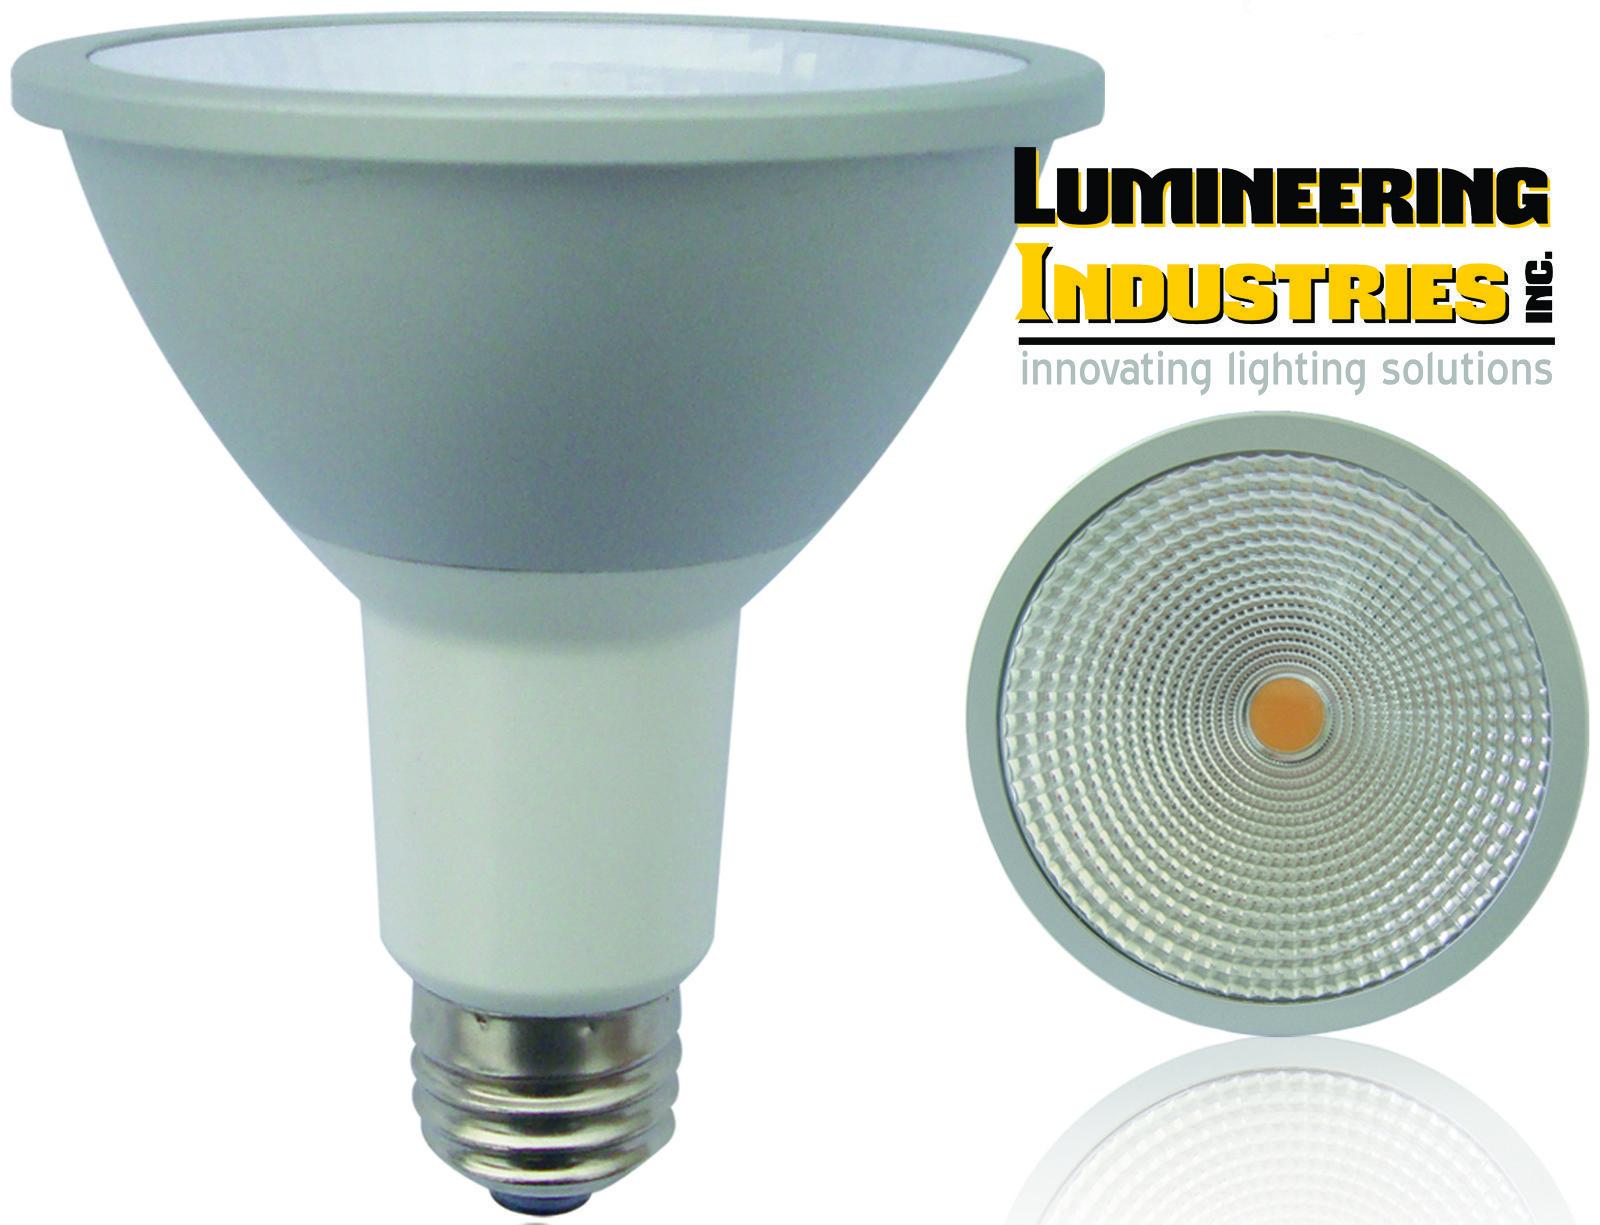 innovating lighting. innovating lighting. led replacement bulbs par 38 (16w) #lumineeringindustries #ledlighting # lighting